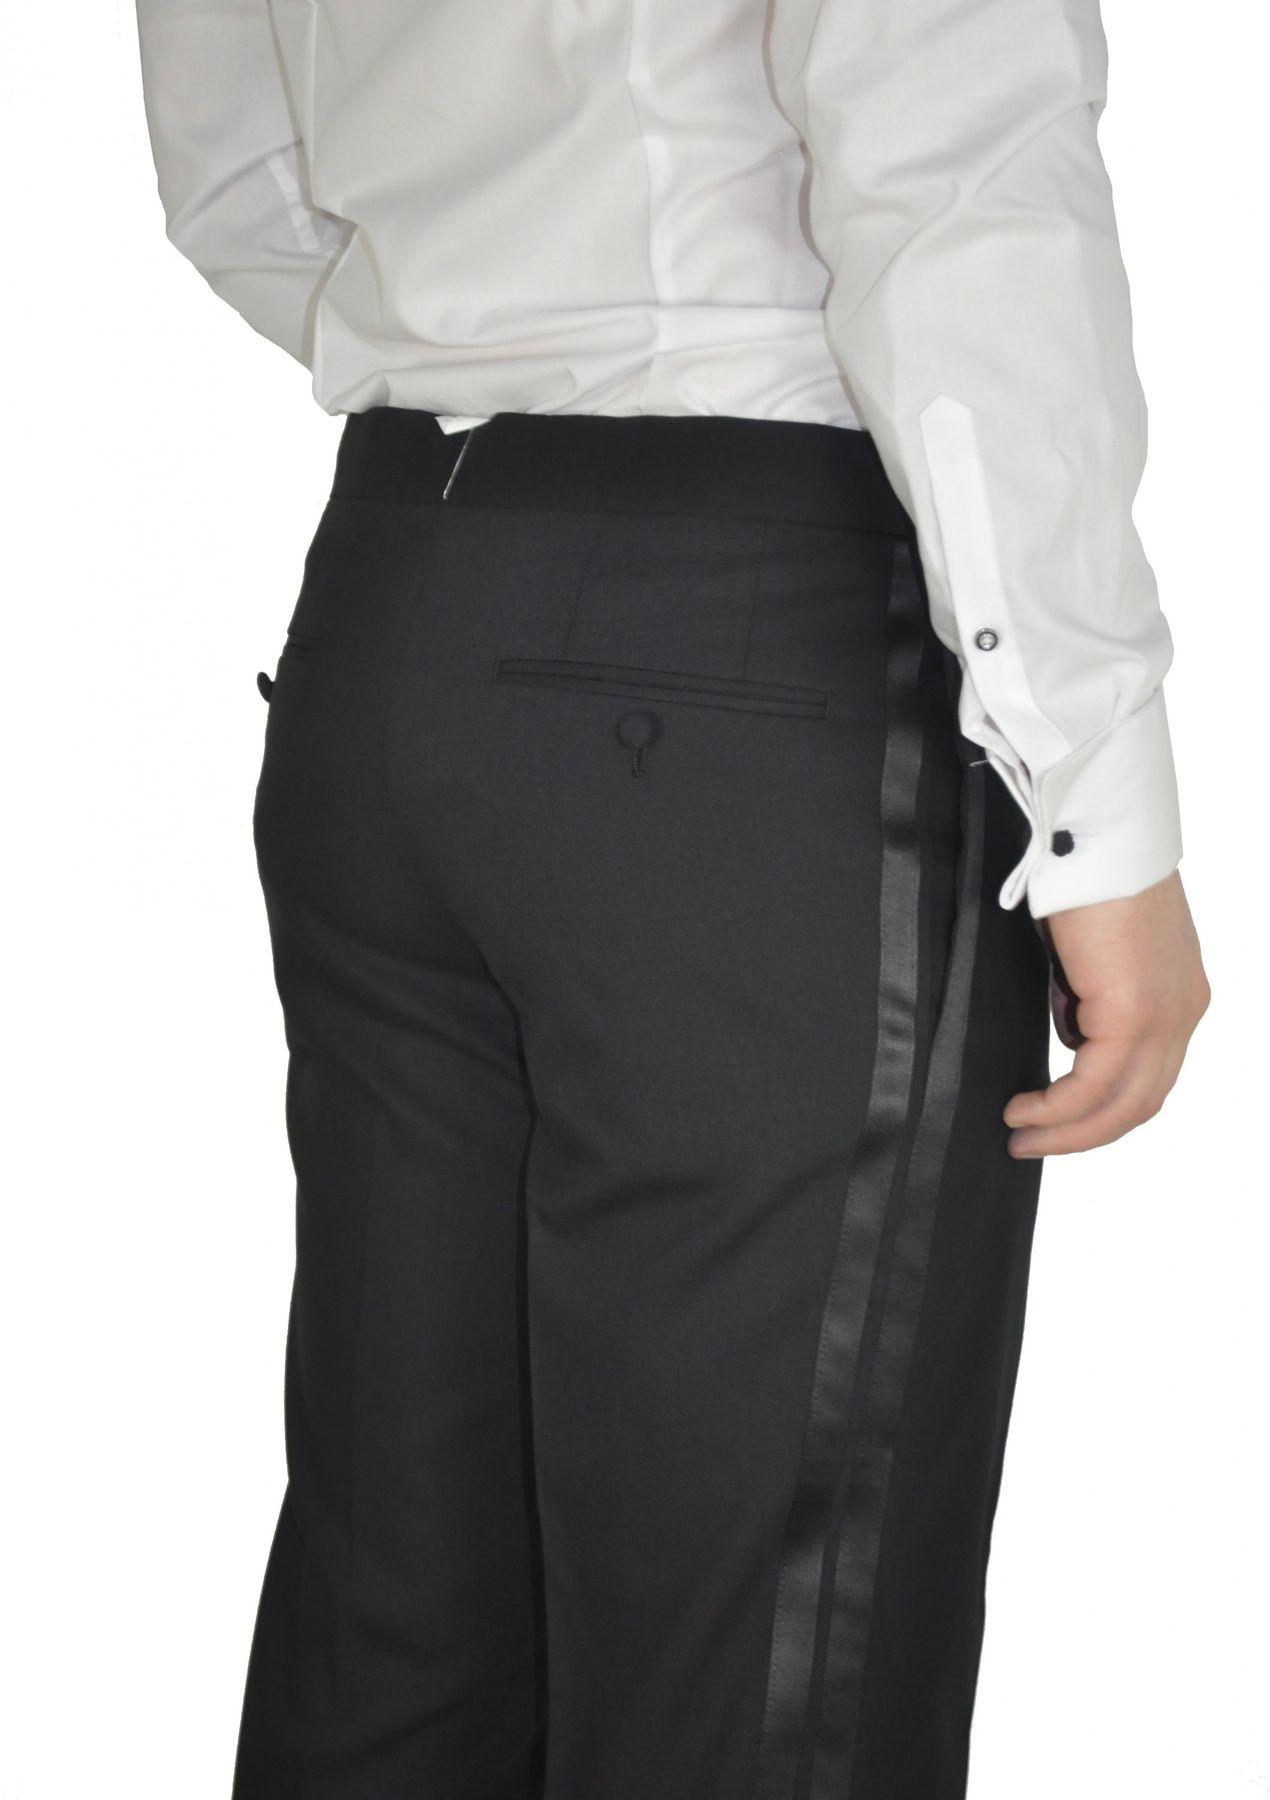 Masterhand - Comfort Fit - Festliche Herren Frack Hose aus reiner Schurwolle in Schwarz, 900 8001 (Cort) – Bild 2